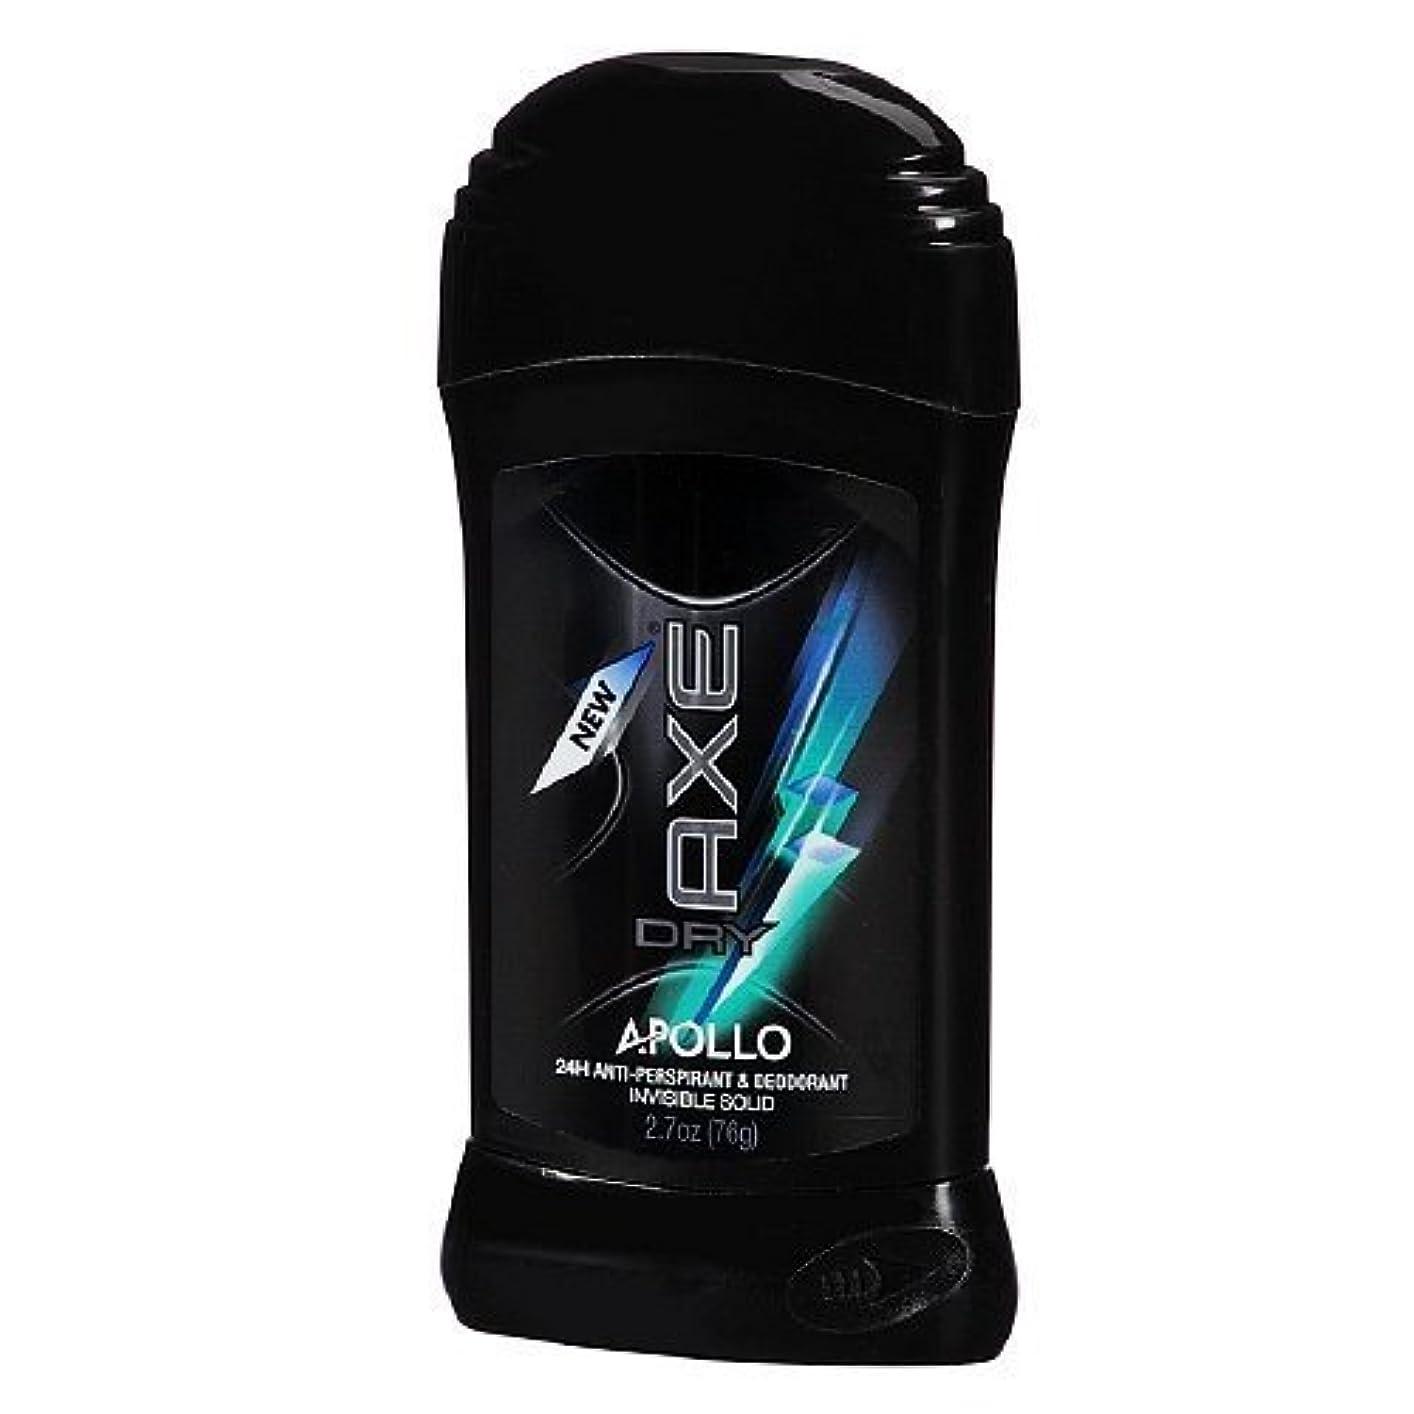 非難する道路王位Axe Dry Antiperspirant Deodorant - Apollo - Invisible Solid - Net Wt. 2.7 OZ Each - Pack of 3 by Unilever [並行輸入品]